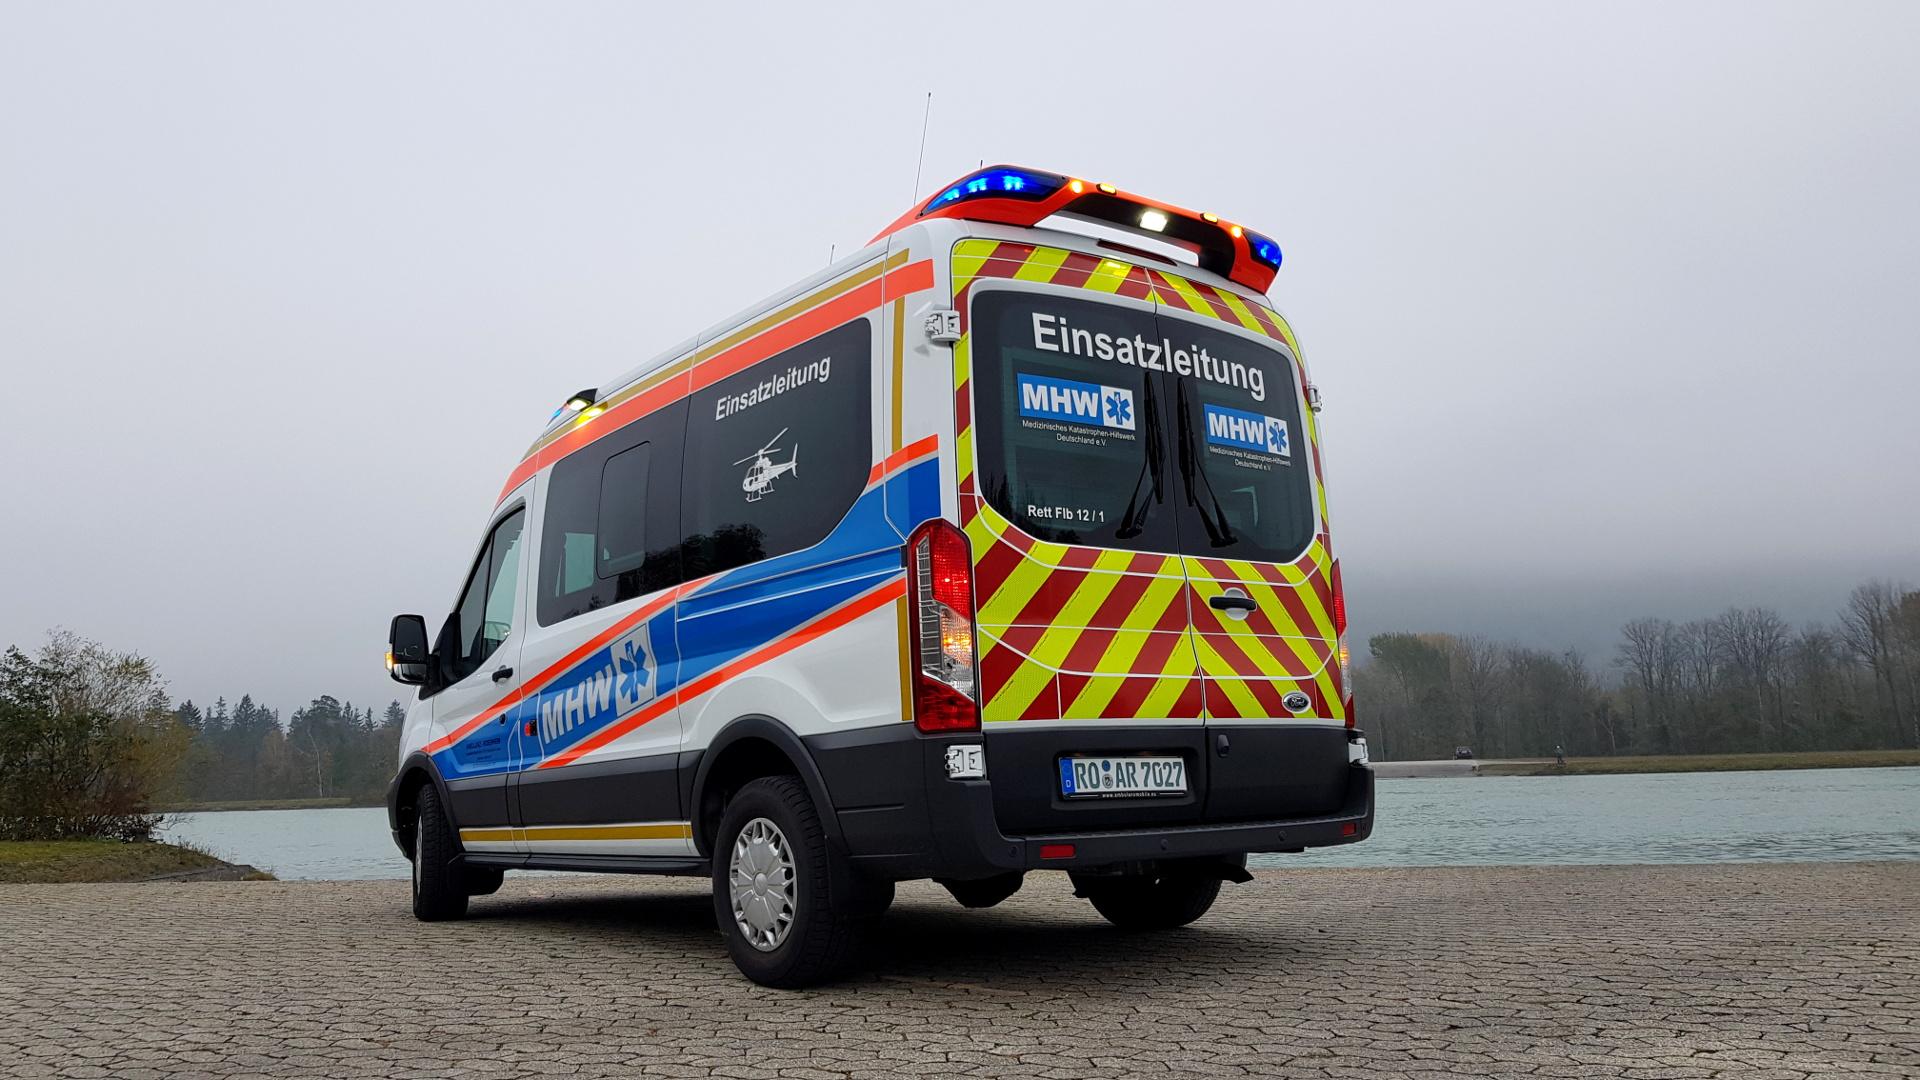 Einsatzleitwagen Ambulanz Rosenheim